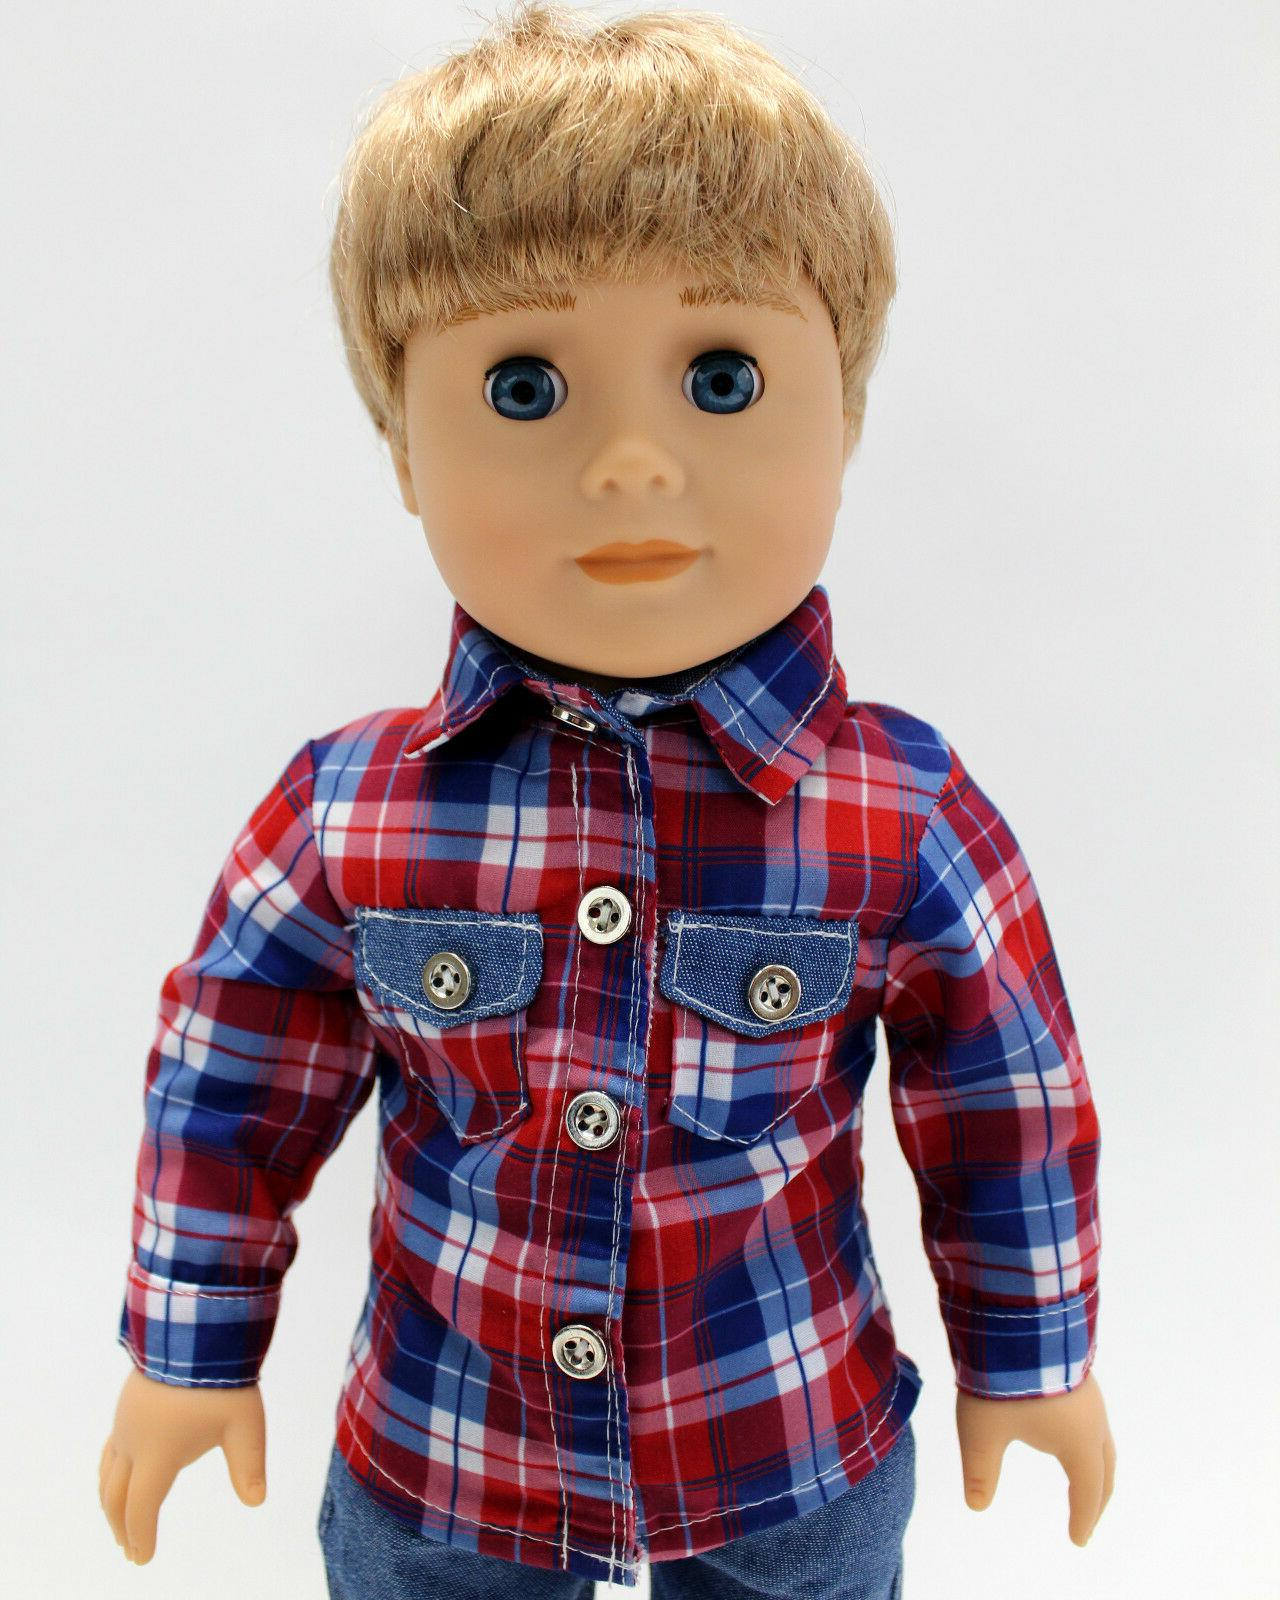 18 Boy Outfit Plaid Shirt Jeans Set